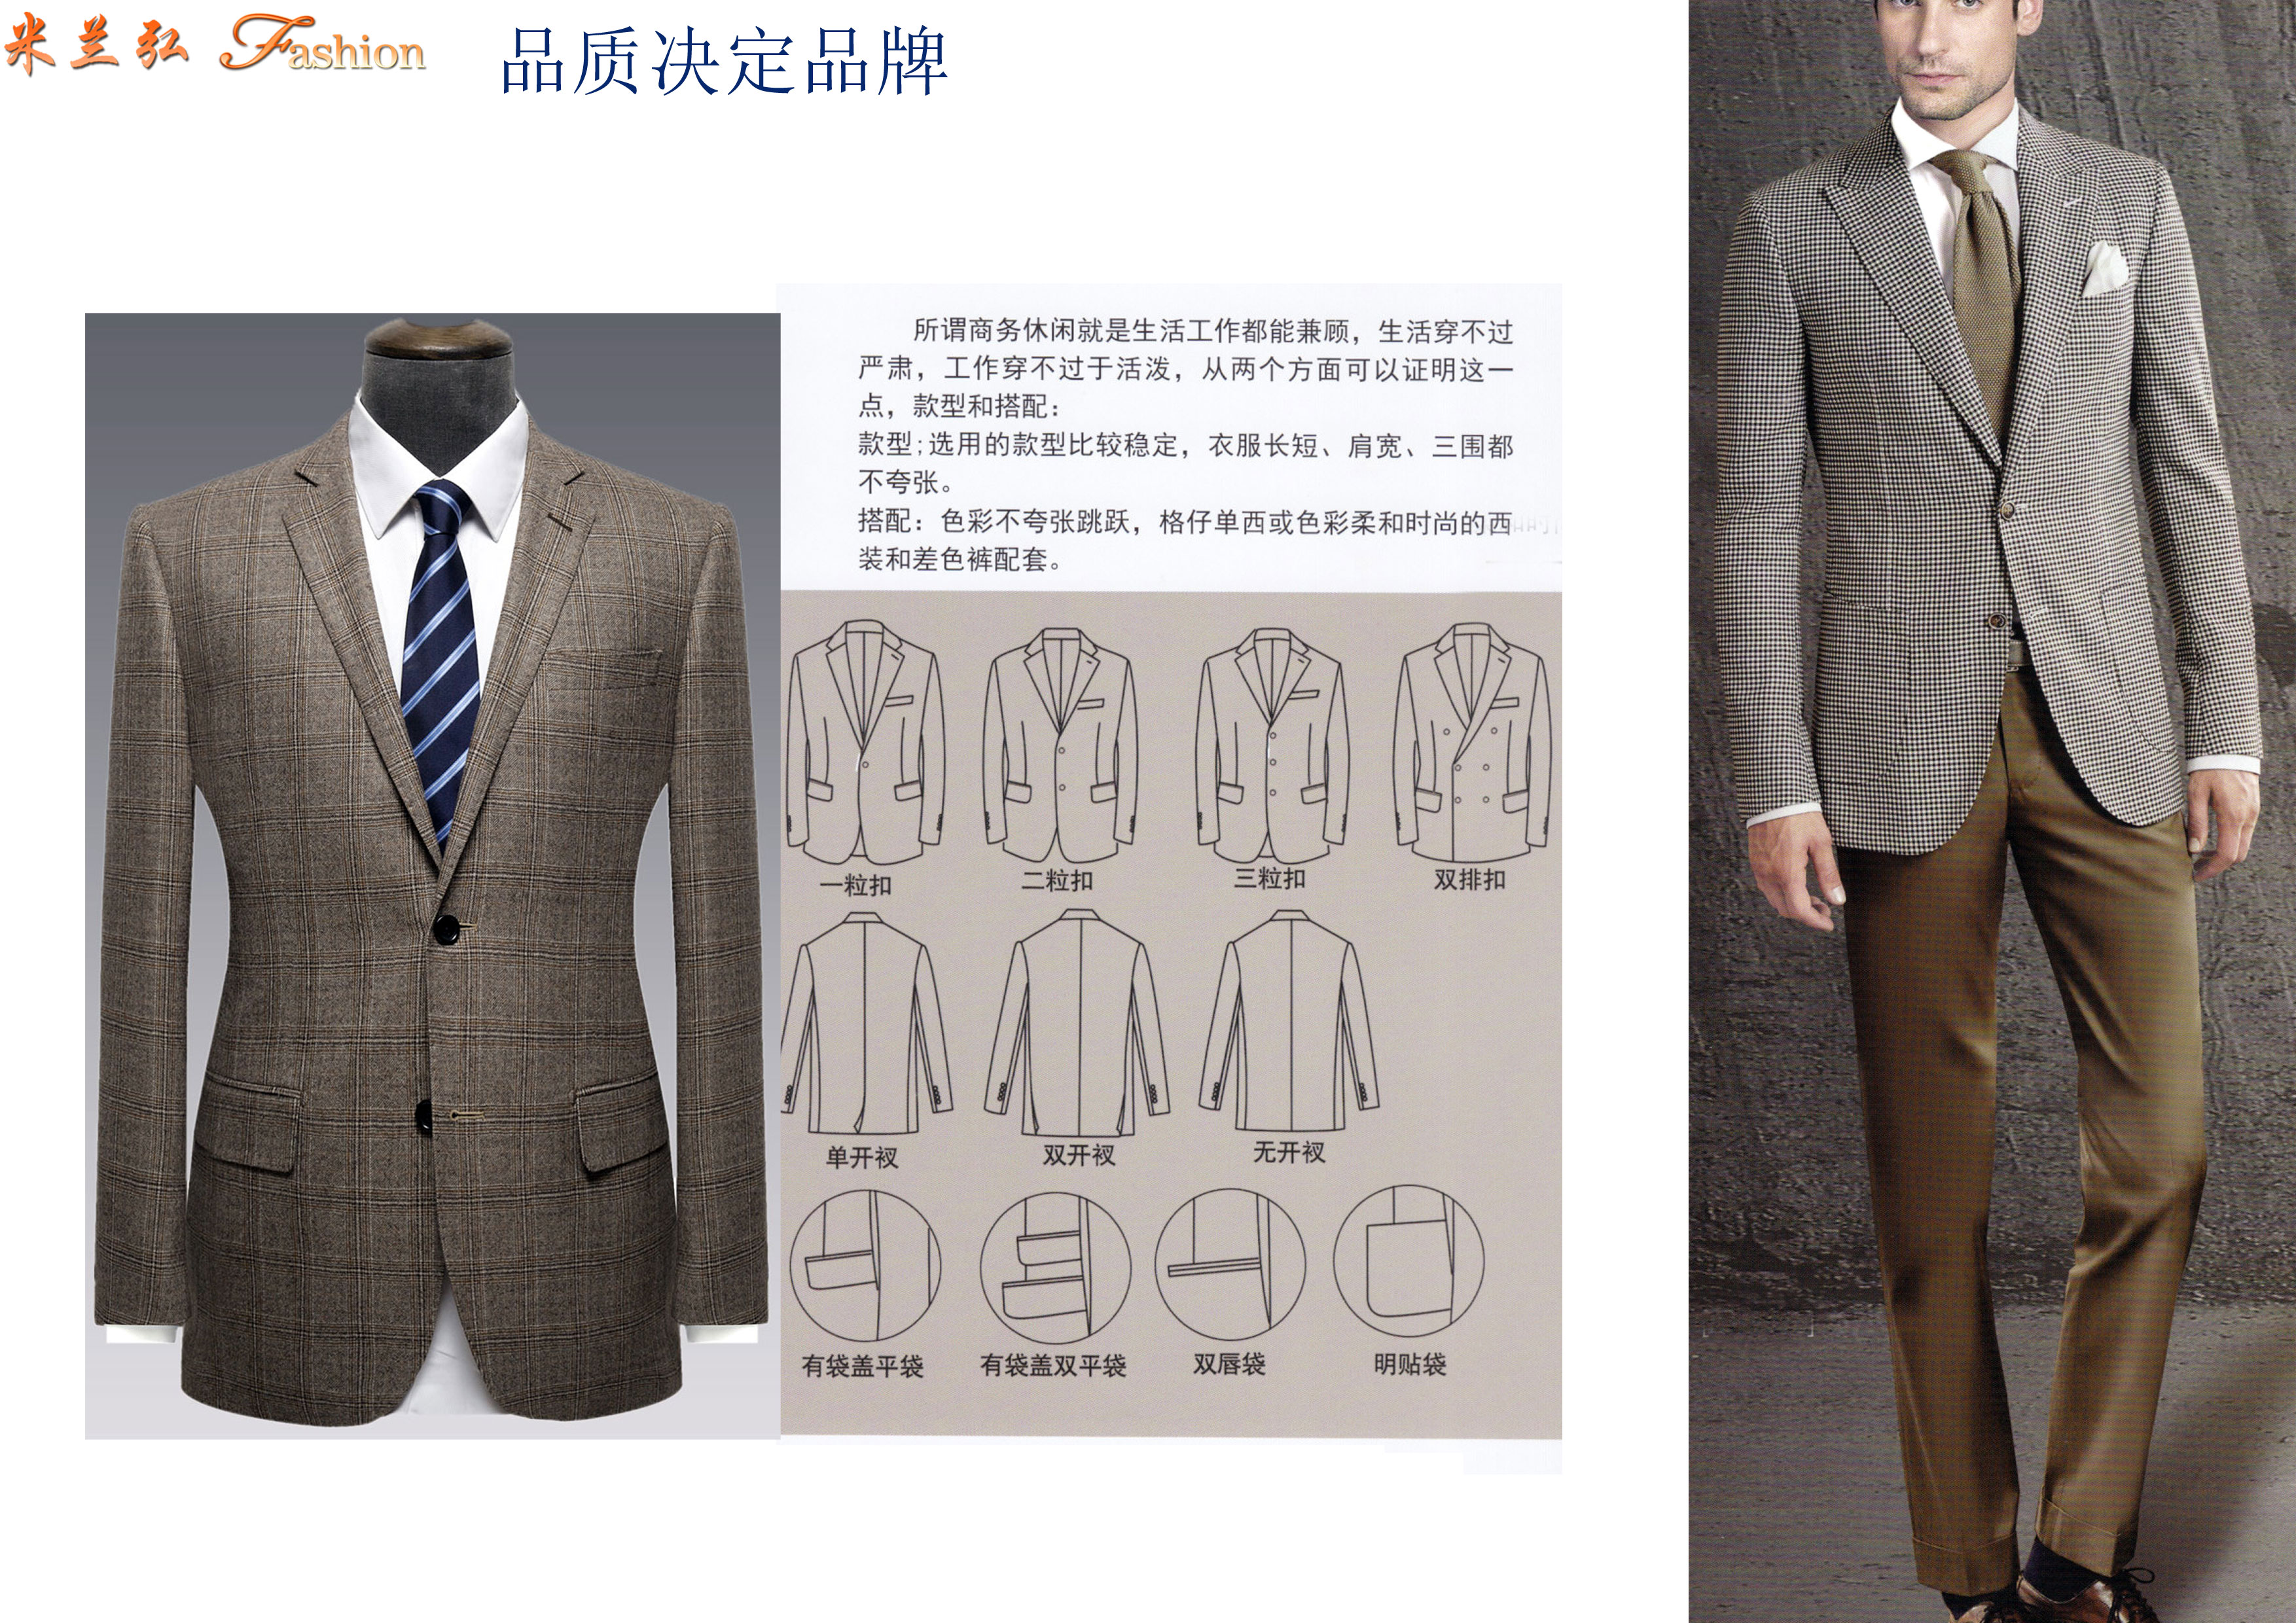 北京量身定制品牌西服_北京西装定做_北京羊毛西服订制-5